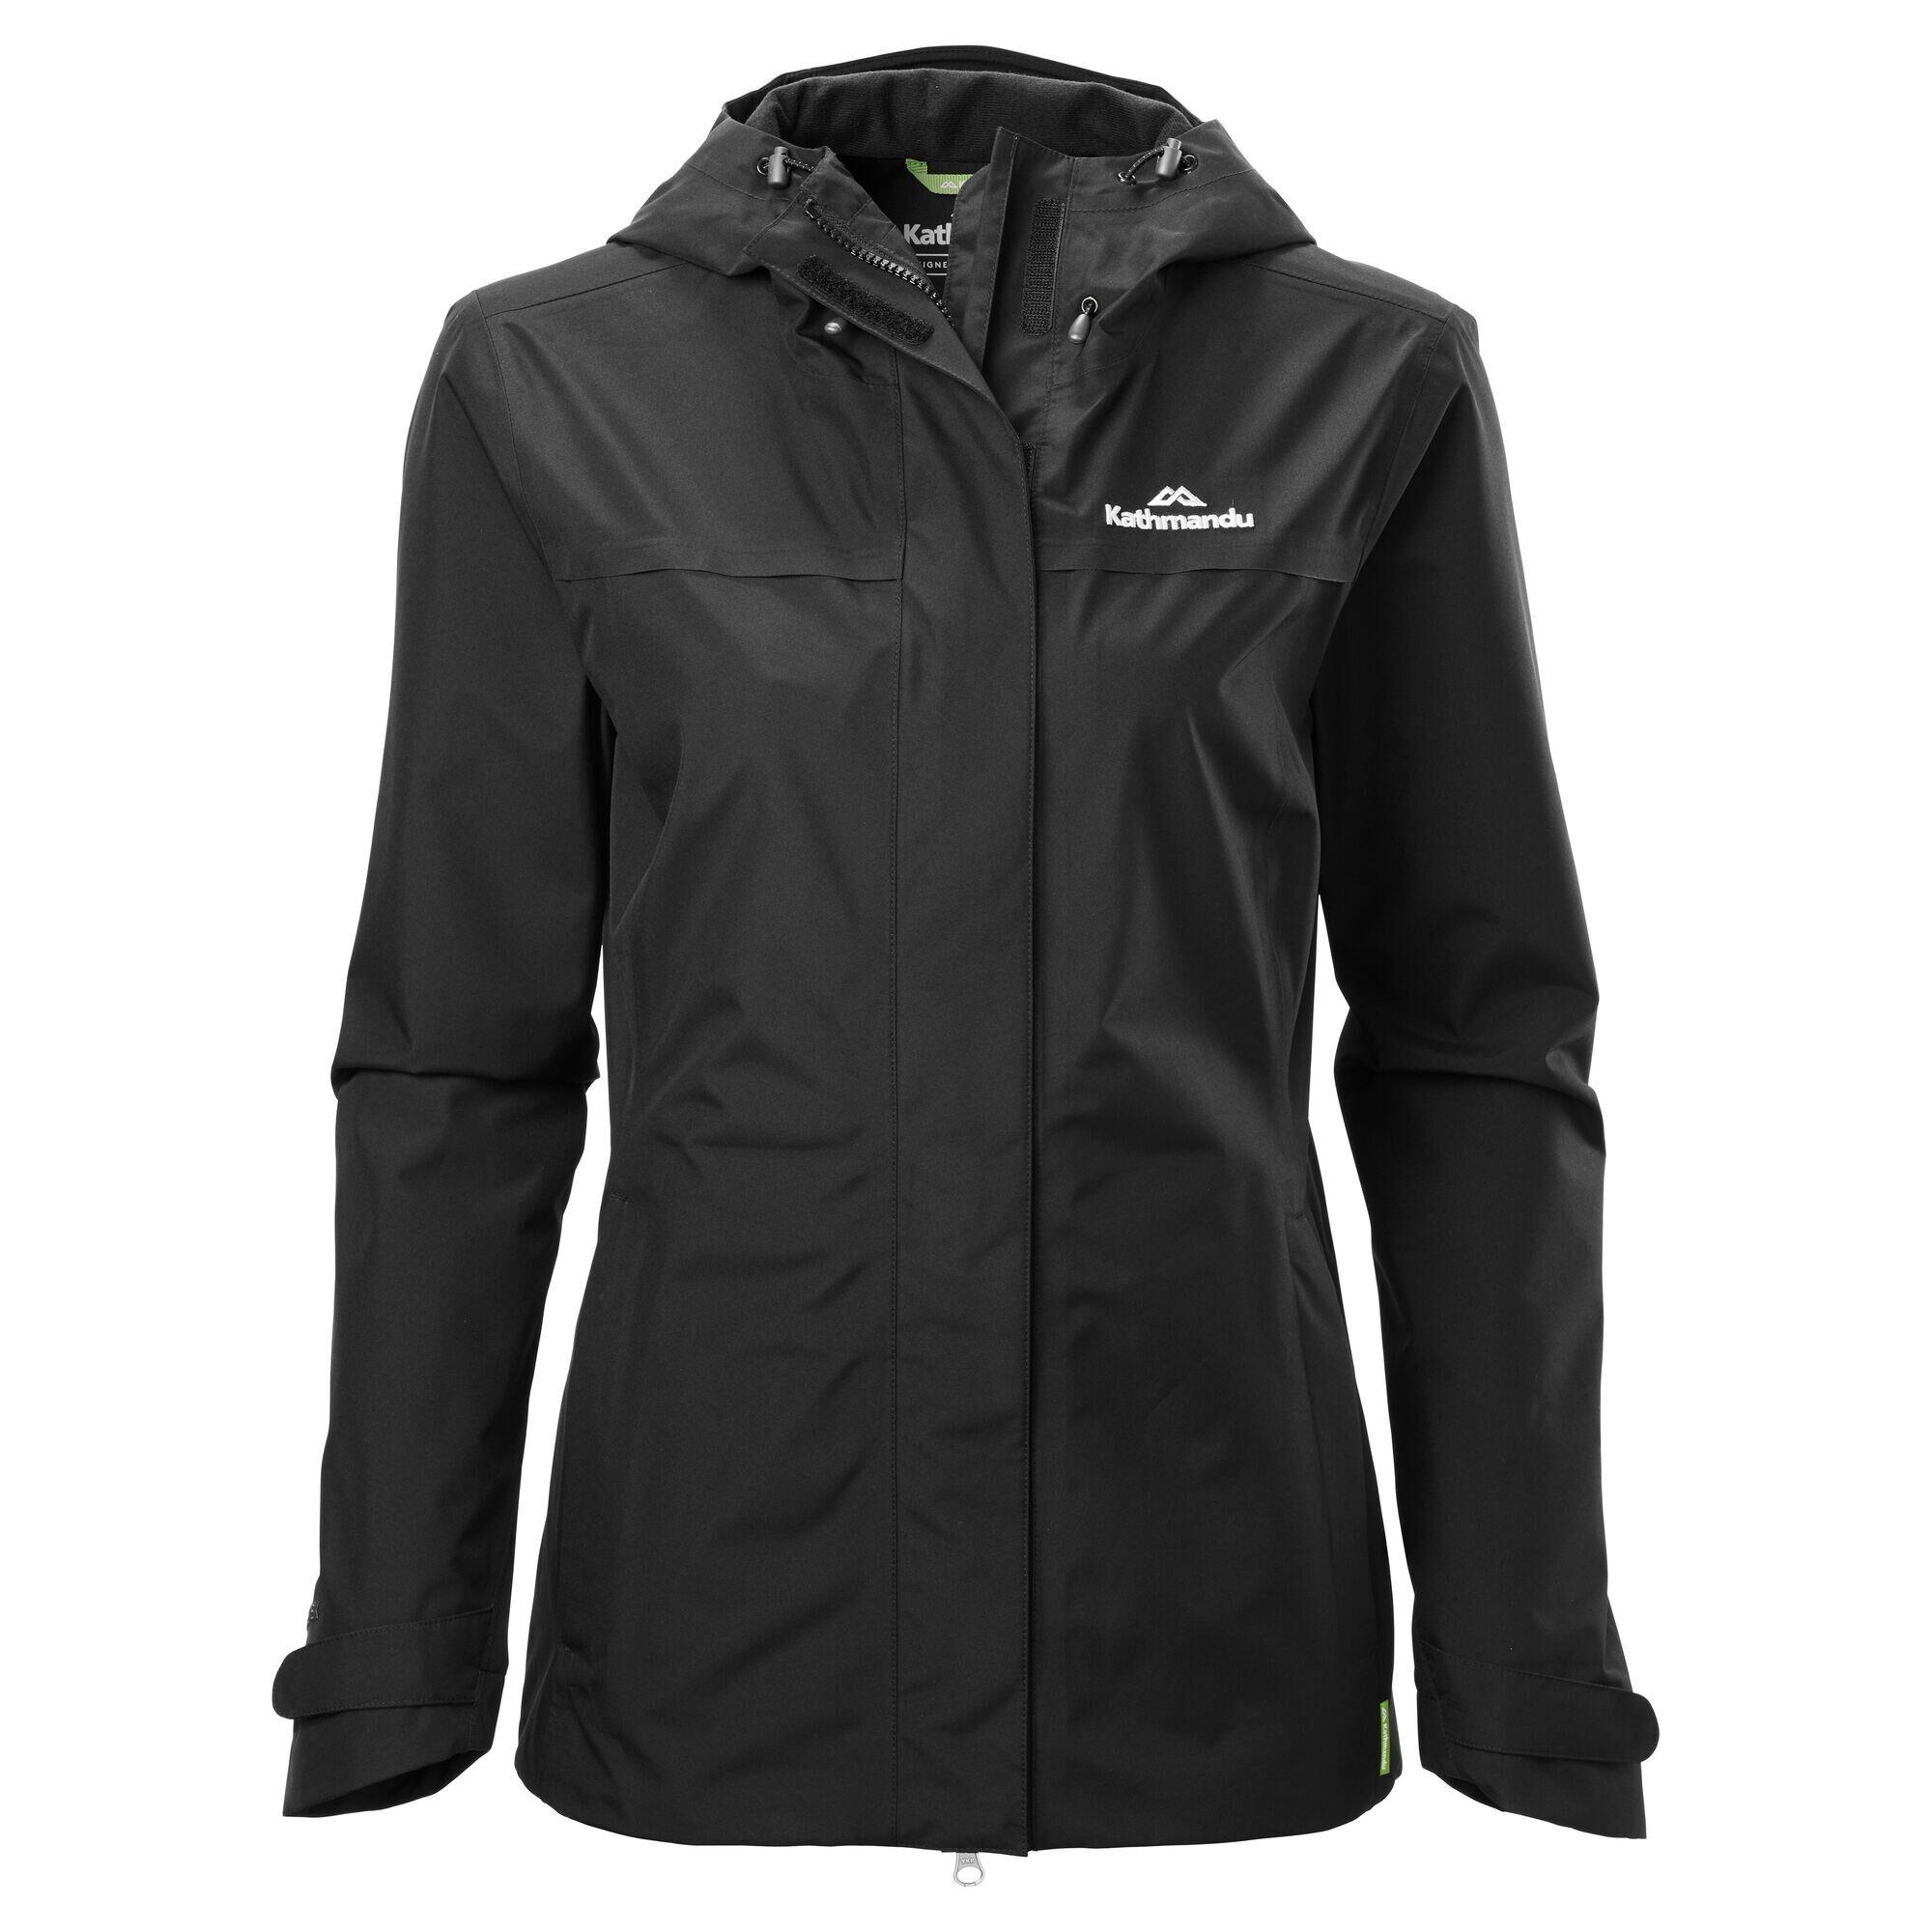 Kathmandu Bealey Women's GORE-TEX Jacket  - Black - Size: US 12